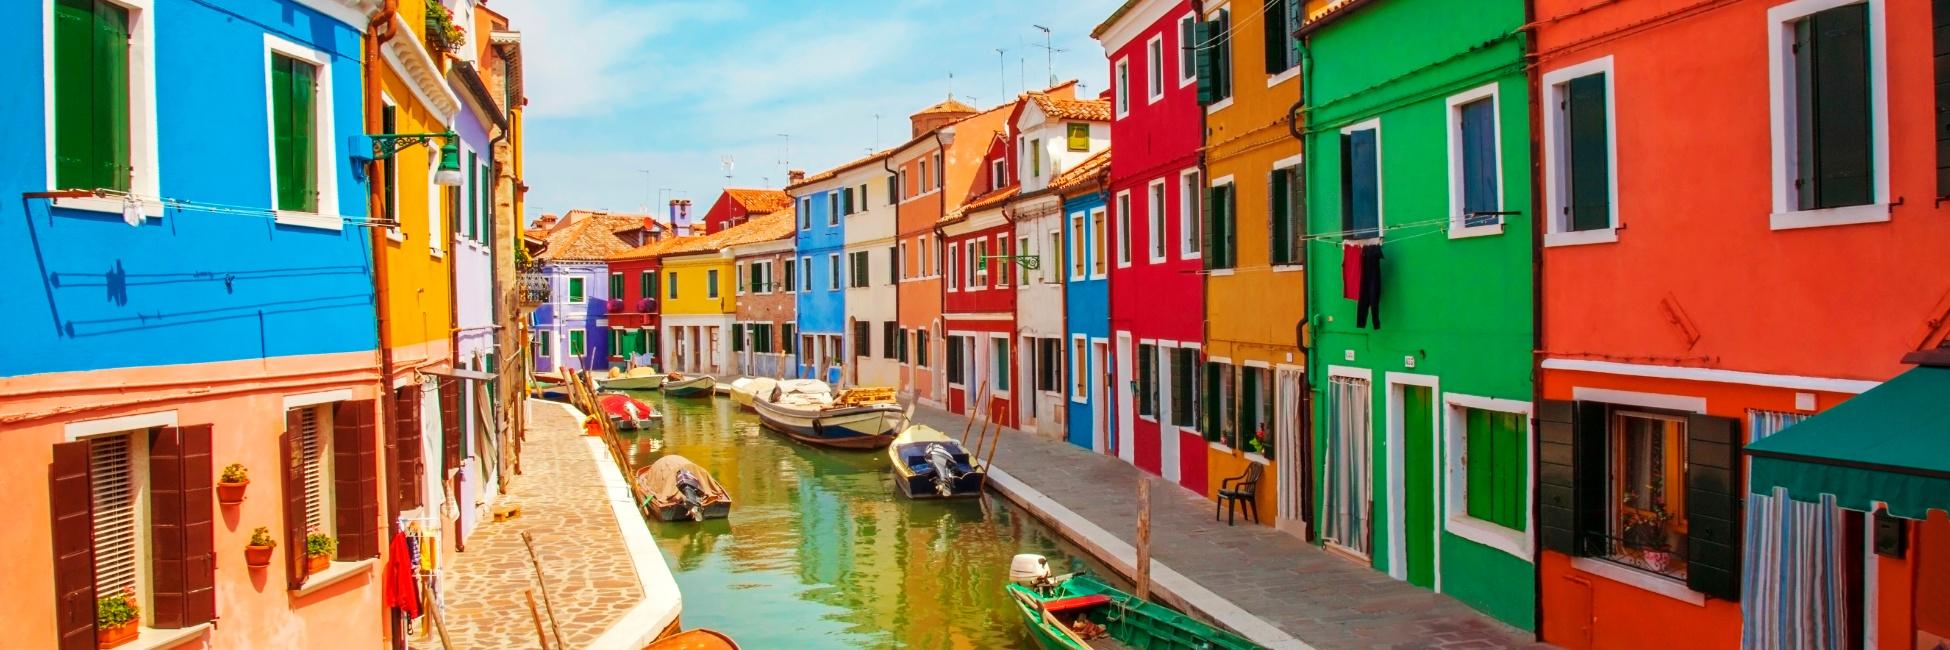 Croisière De Venise, la cité des Doges, à Mantoue, bijou de la Renaissance (formule port-port) - 10